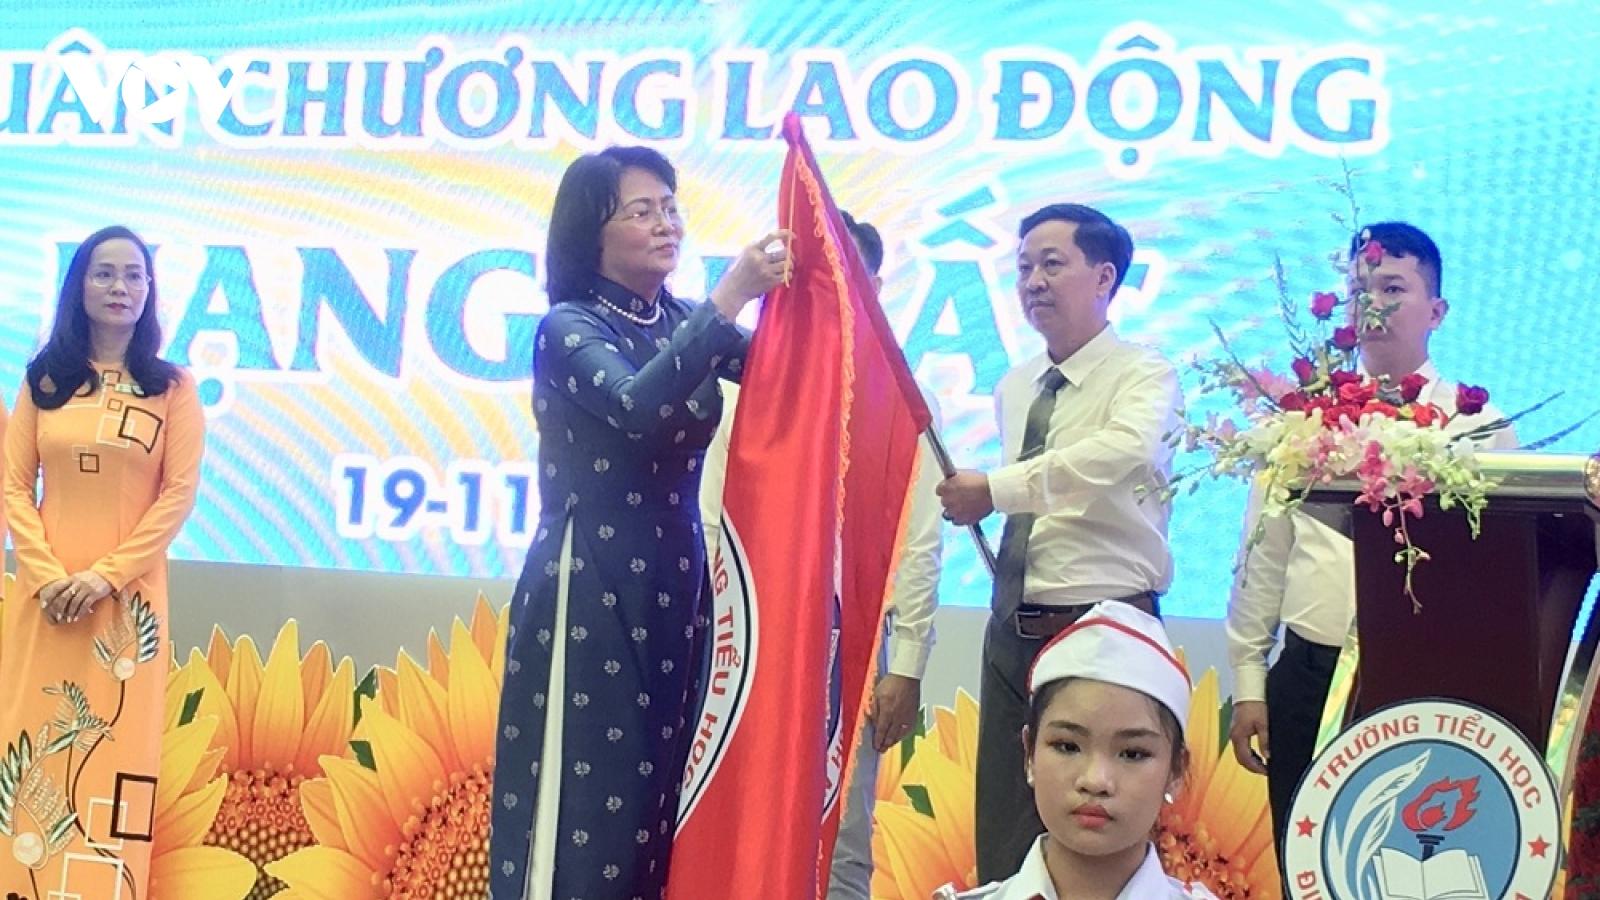 Phó Chủ tịch nước Đặng Thị Ngọc Thịnh dự lễ kỷ niệm Ngày Nhà giáo Việt Nam tại TP.HCM